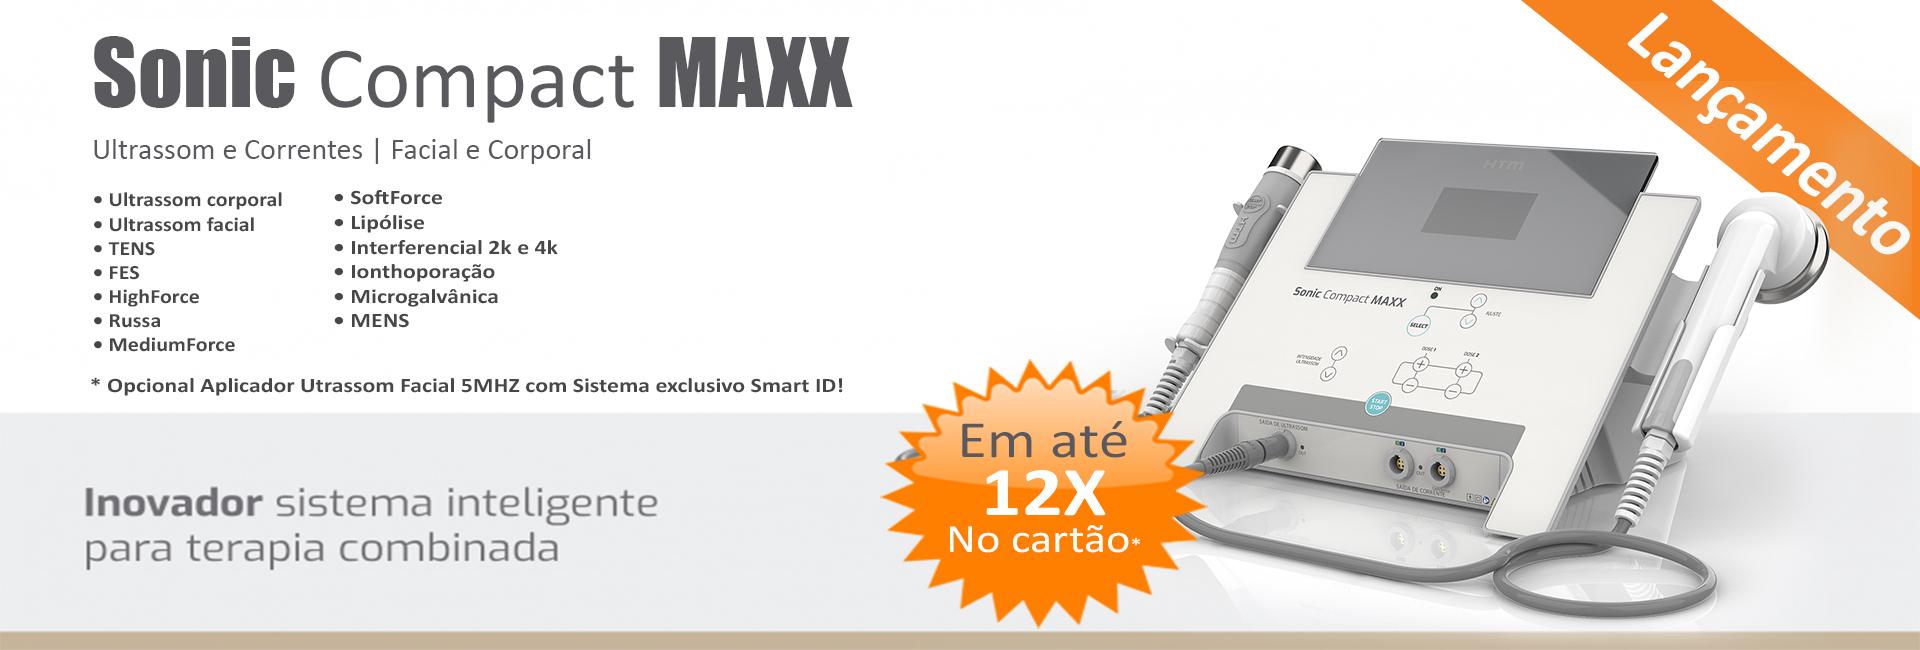 lancamento-sonic-compact-maxx